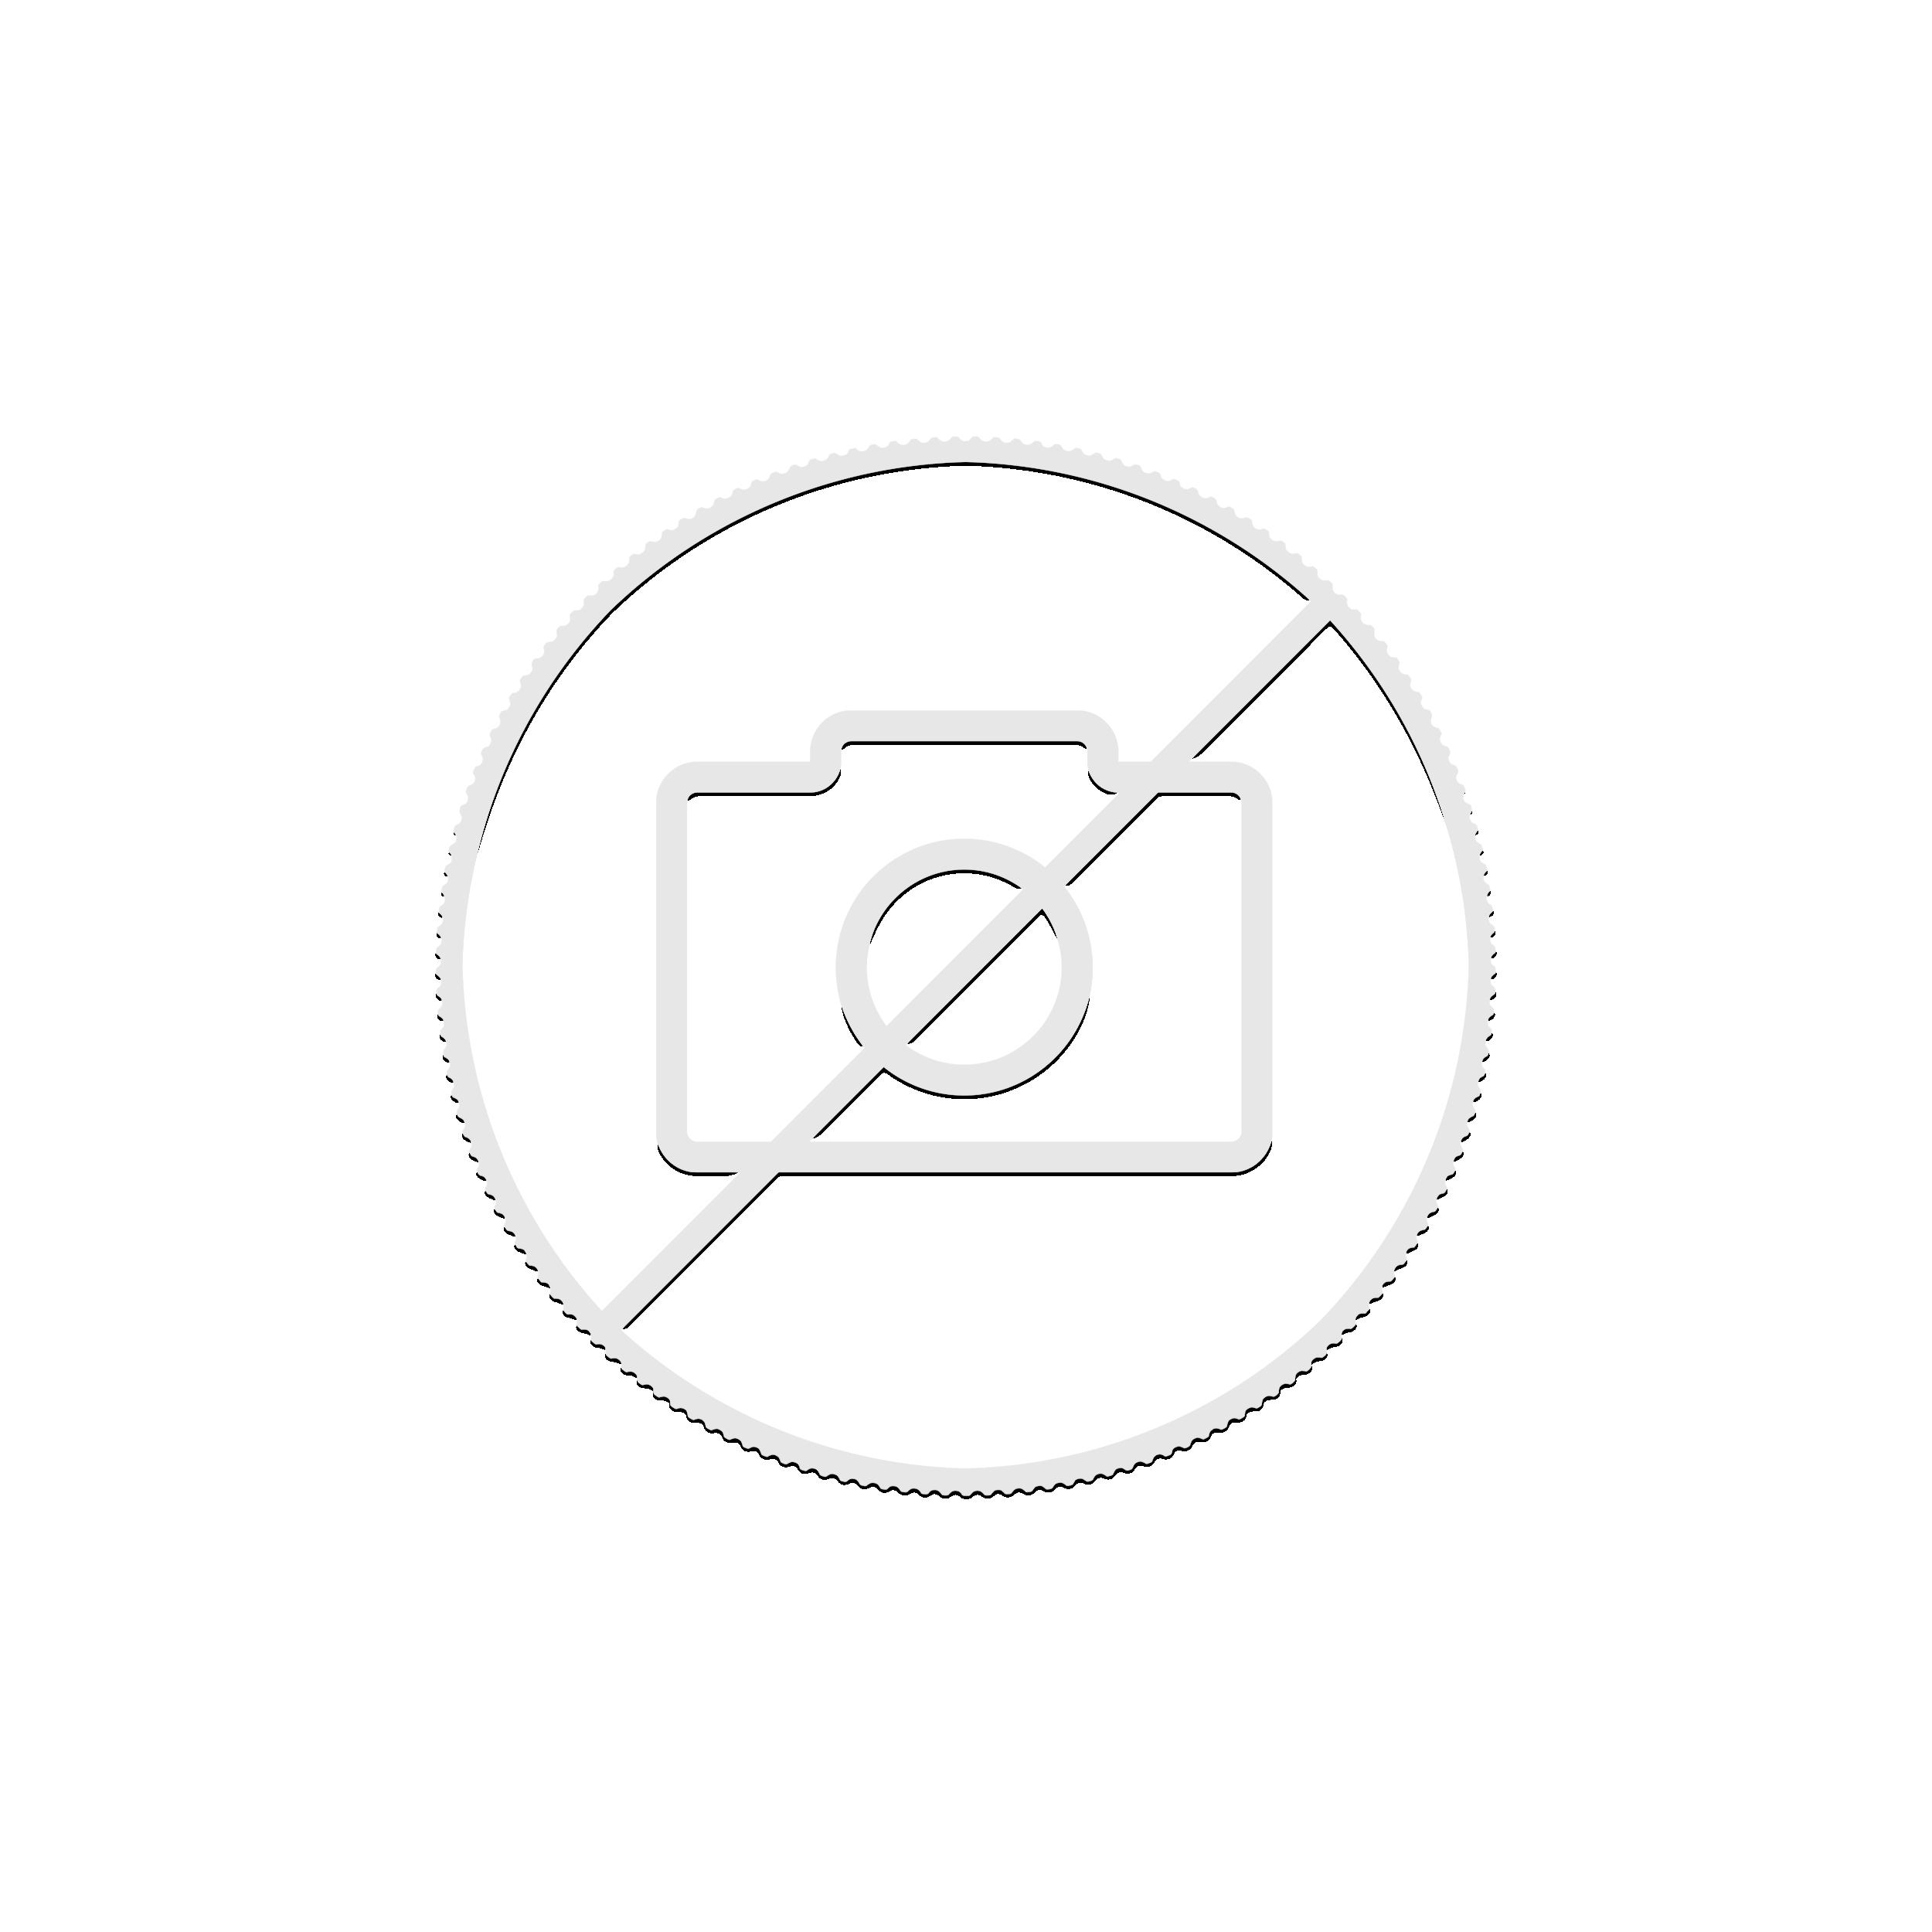 Gouden 1/10 troy ounce Wiener Philharmoniker munt 2018